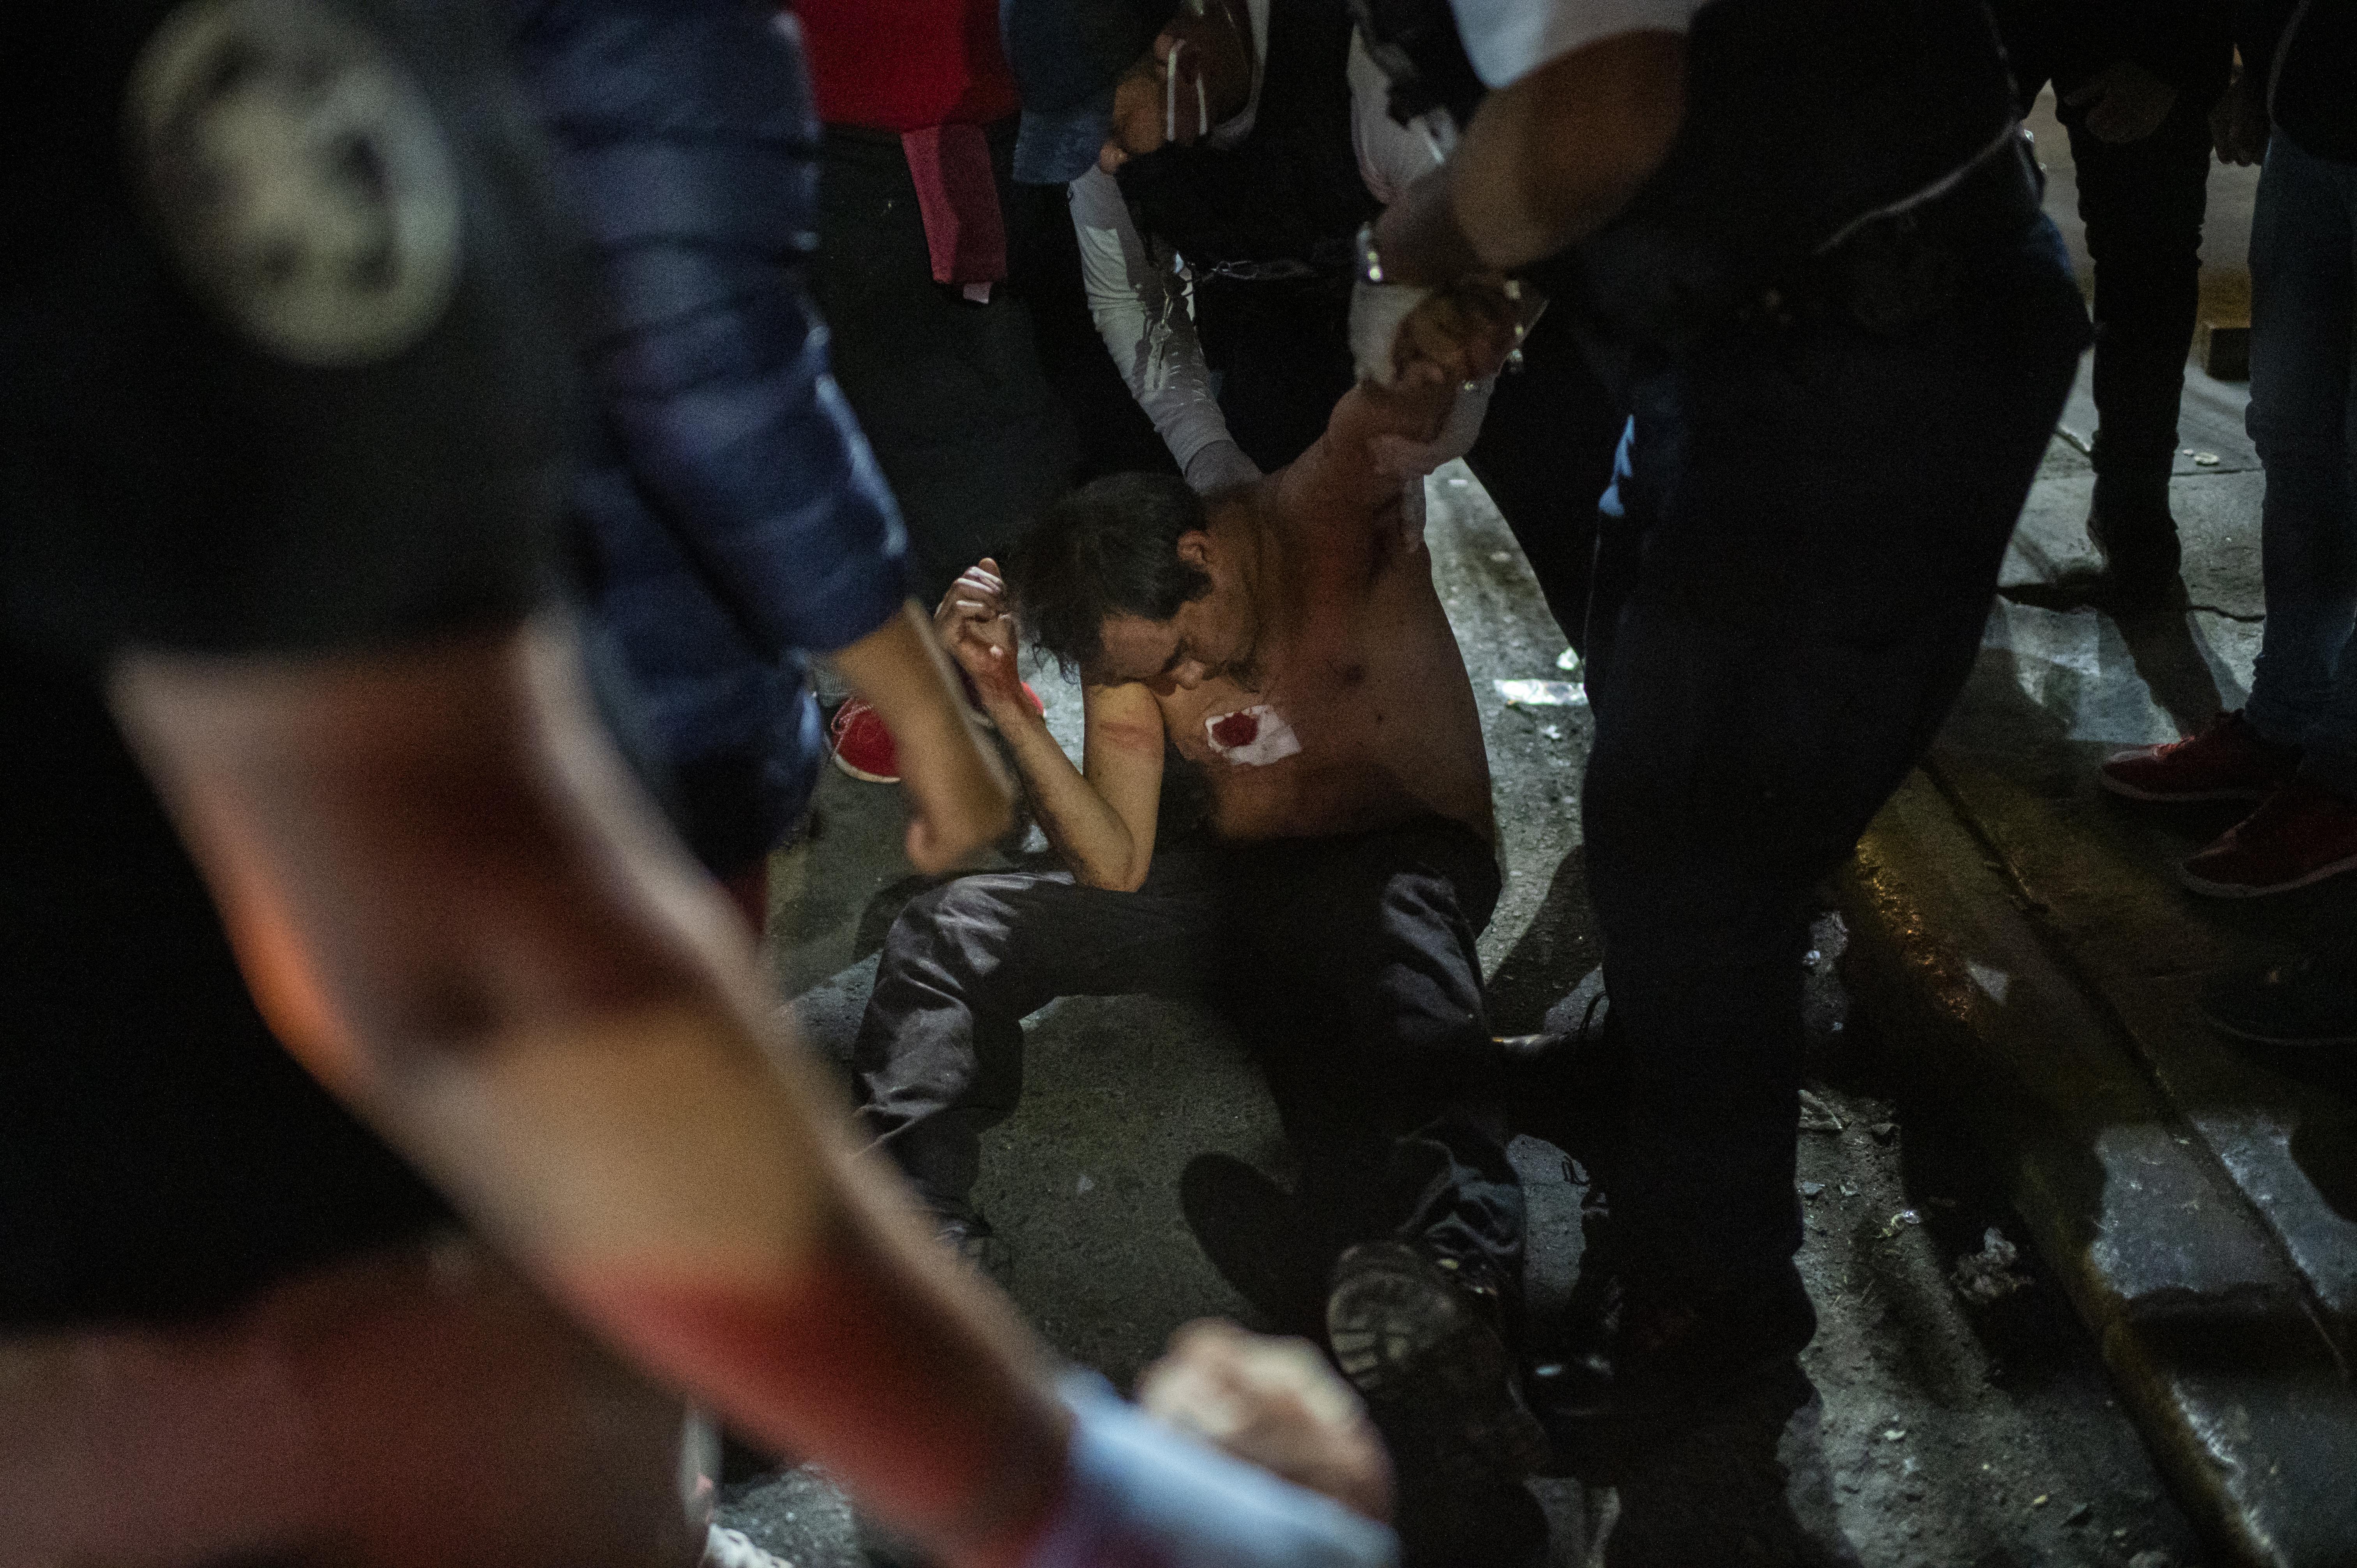 La gente golpea a un hombre acusado de atacar a su madre, en Ciudad Nezahualcóyotl, Estado de México, México, el 20 de junio de 2020, durante la nueva pandemia de coronavirus de COVID-19. (Foto por Pedro PARDO / AFP)